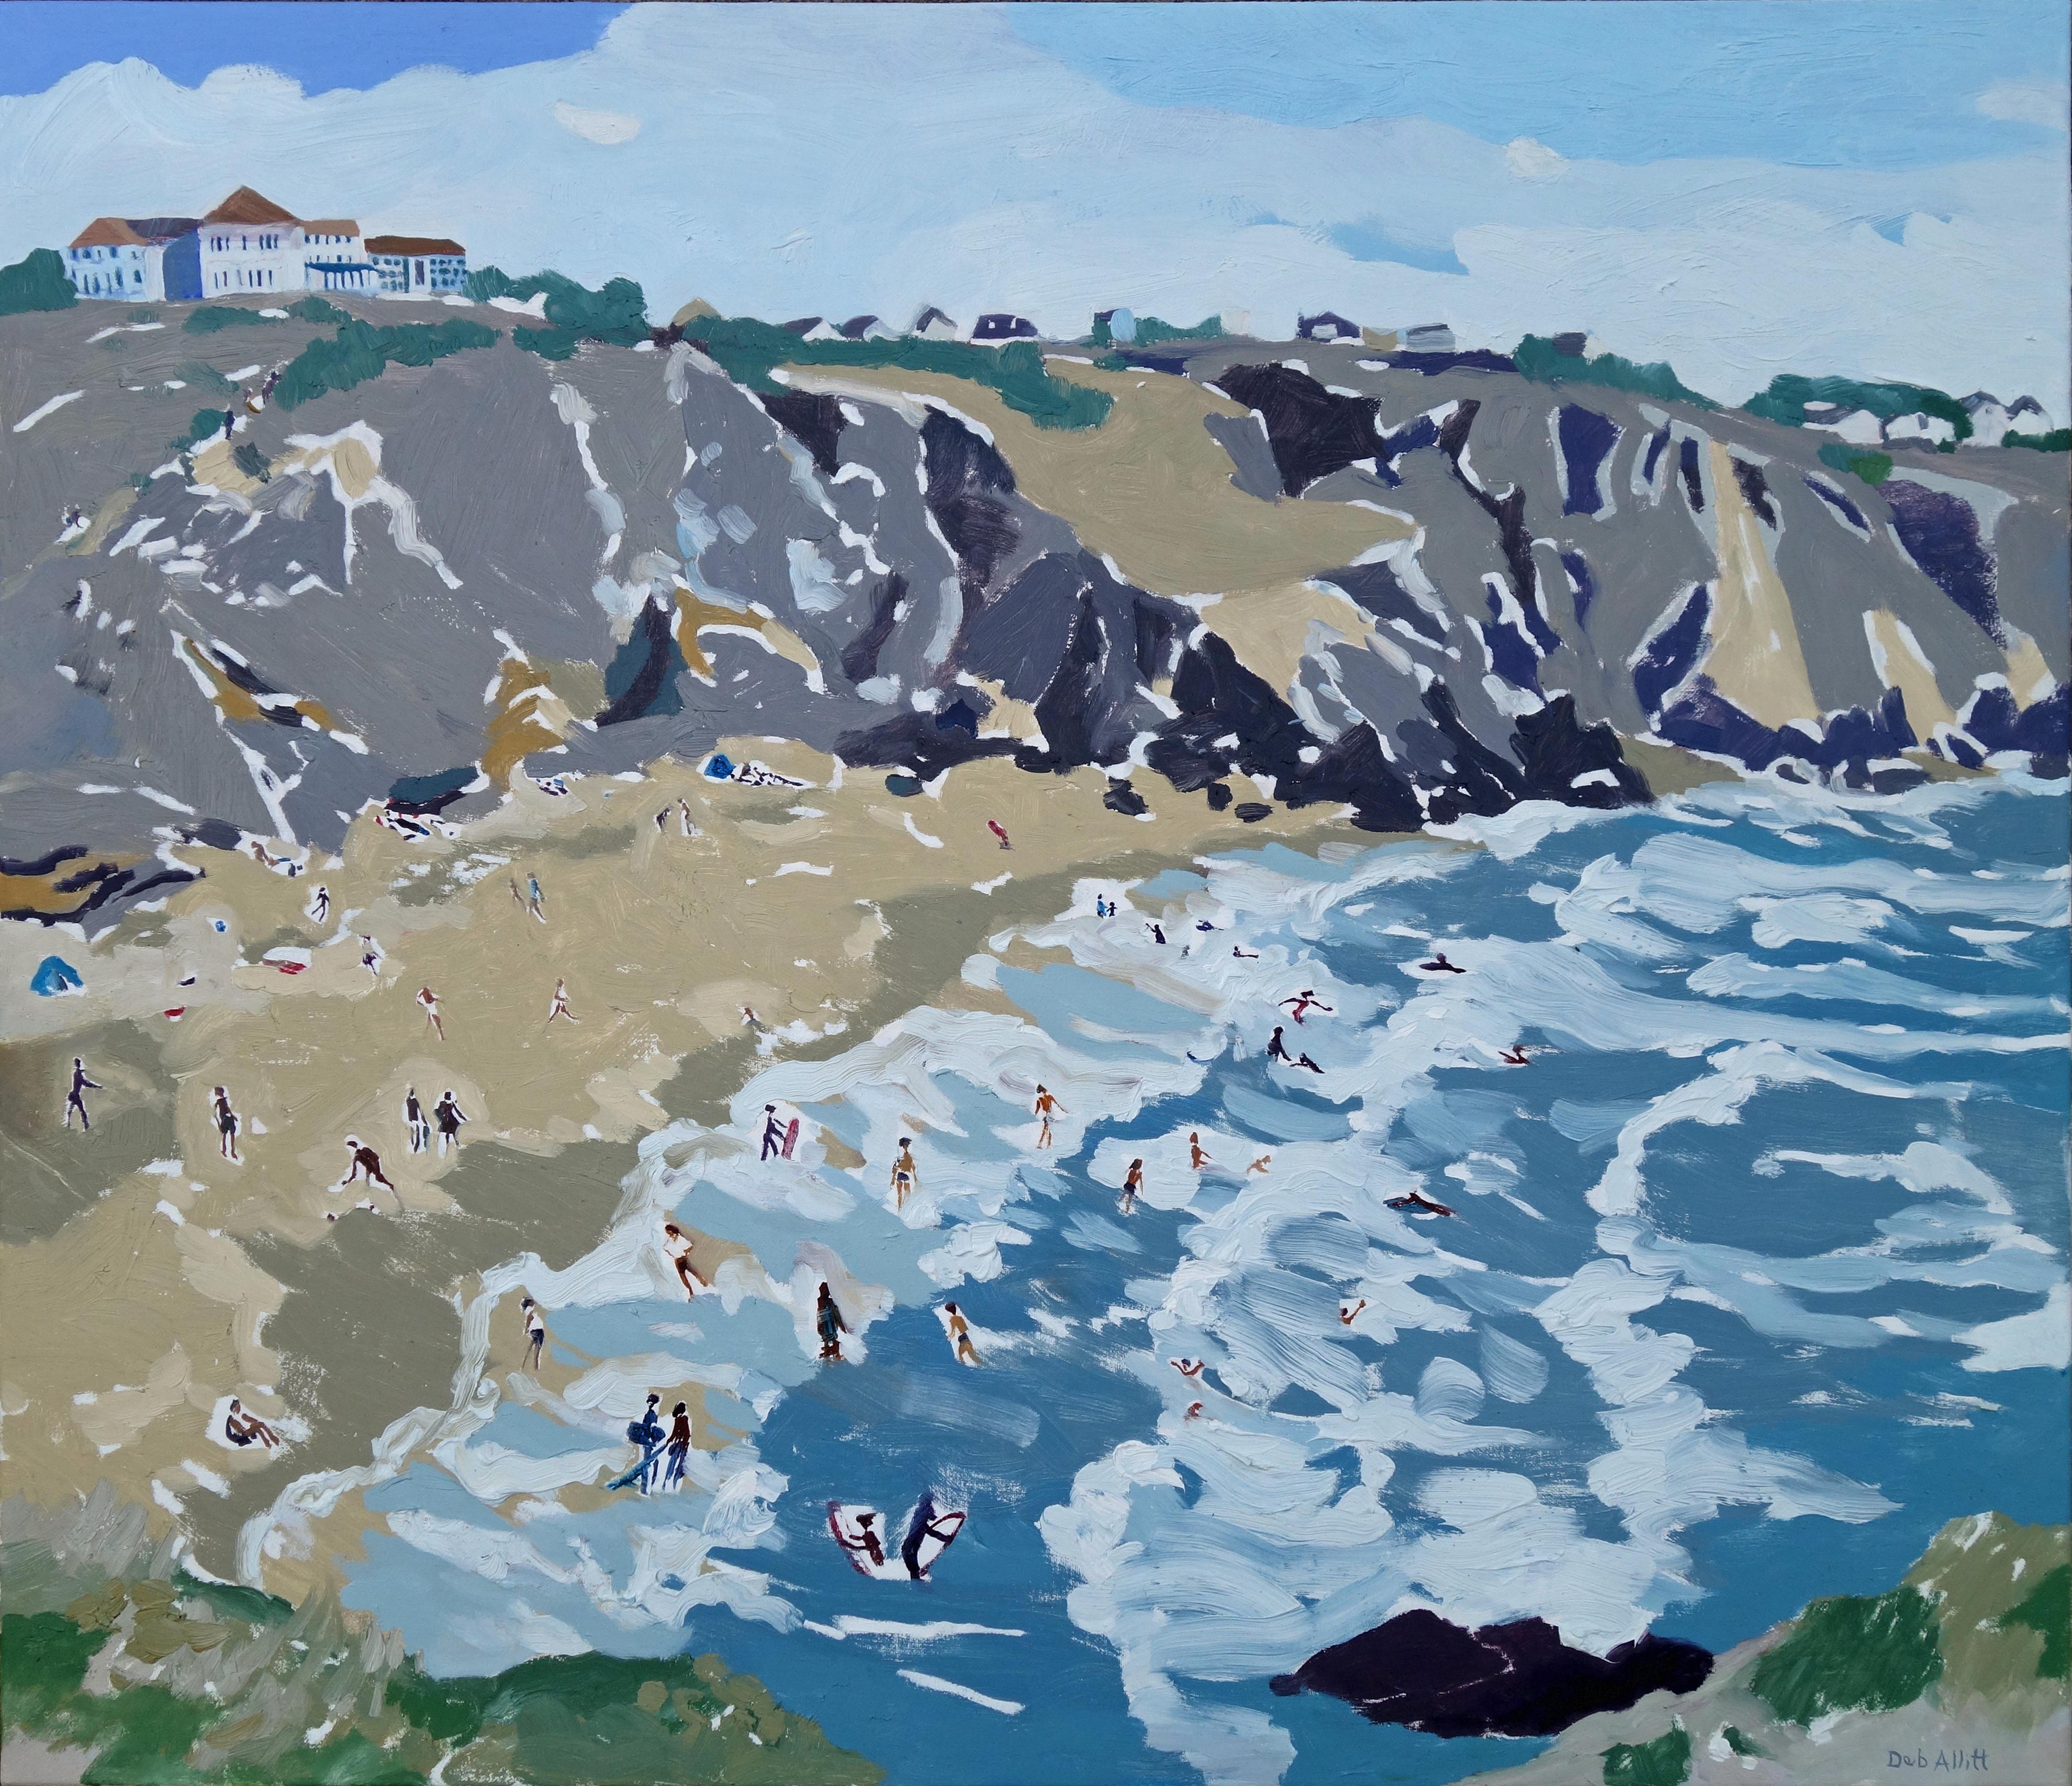 Polurrian Cove. Oil on canvas. 60 x 70 cm.